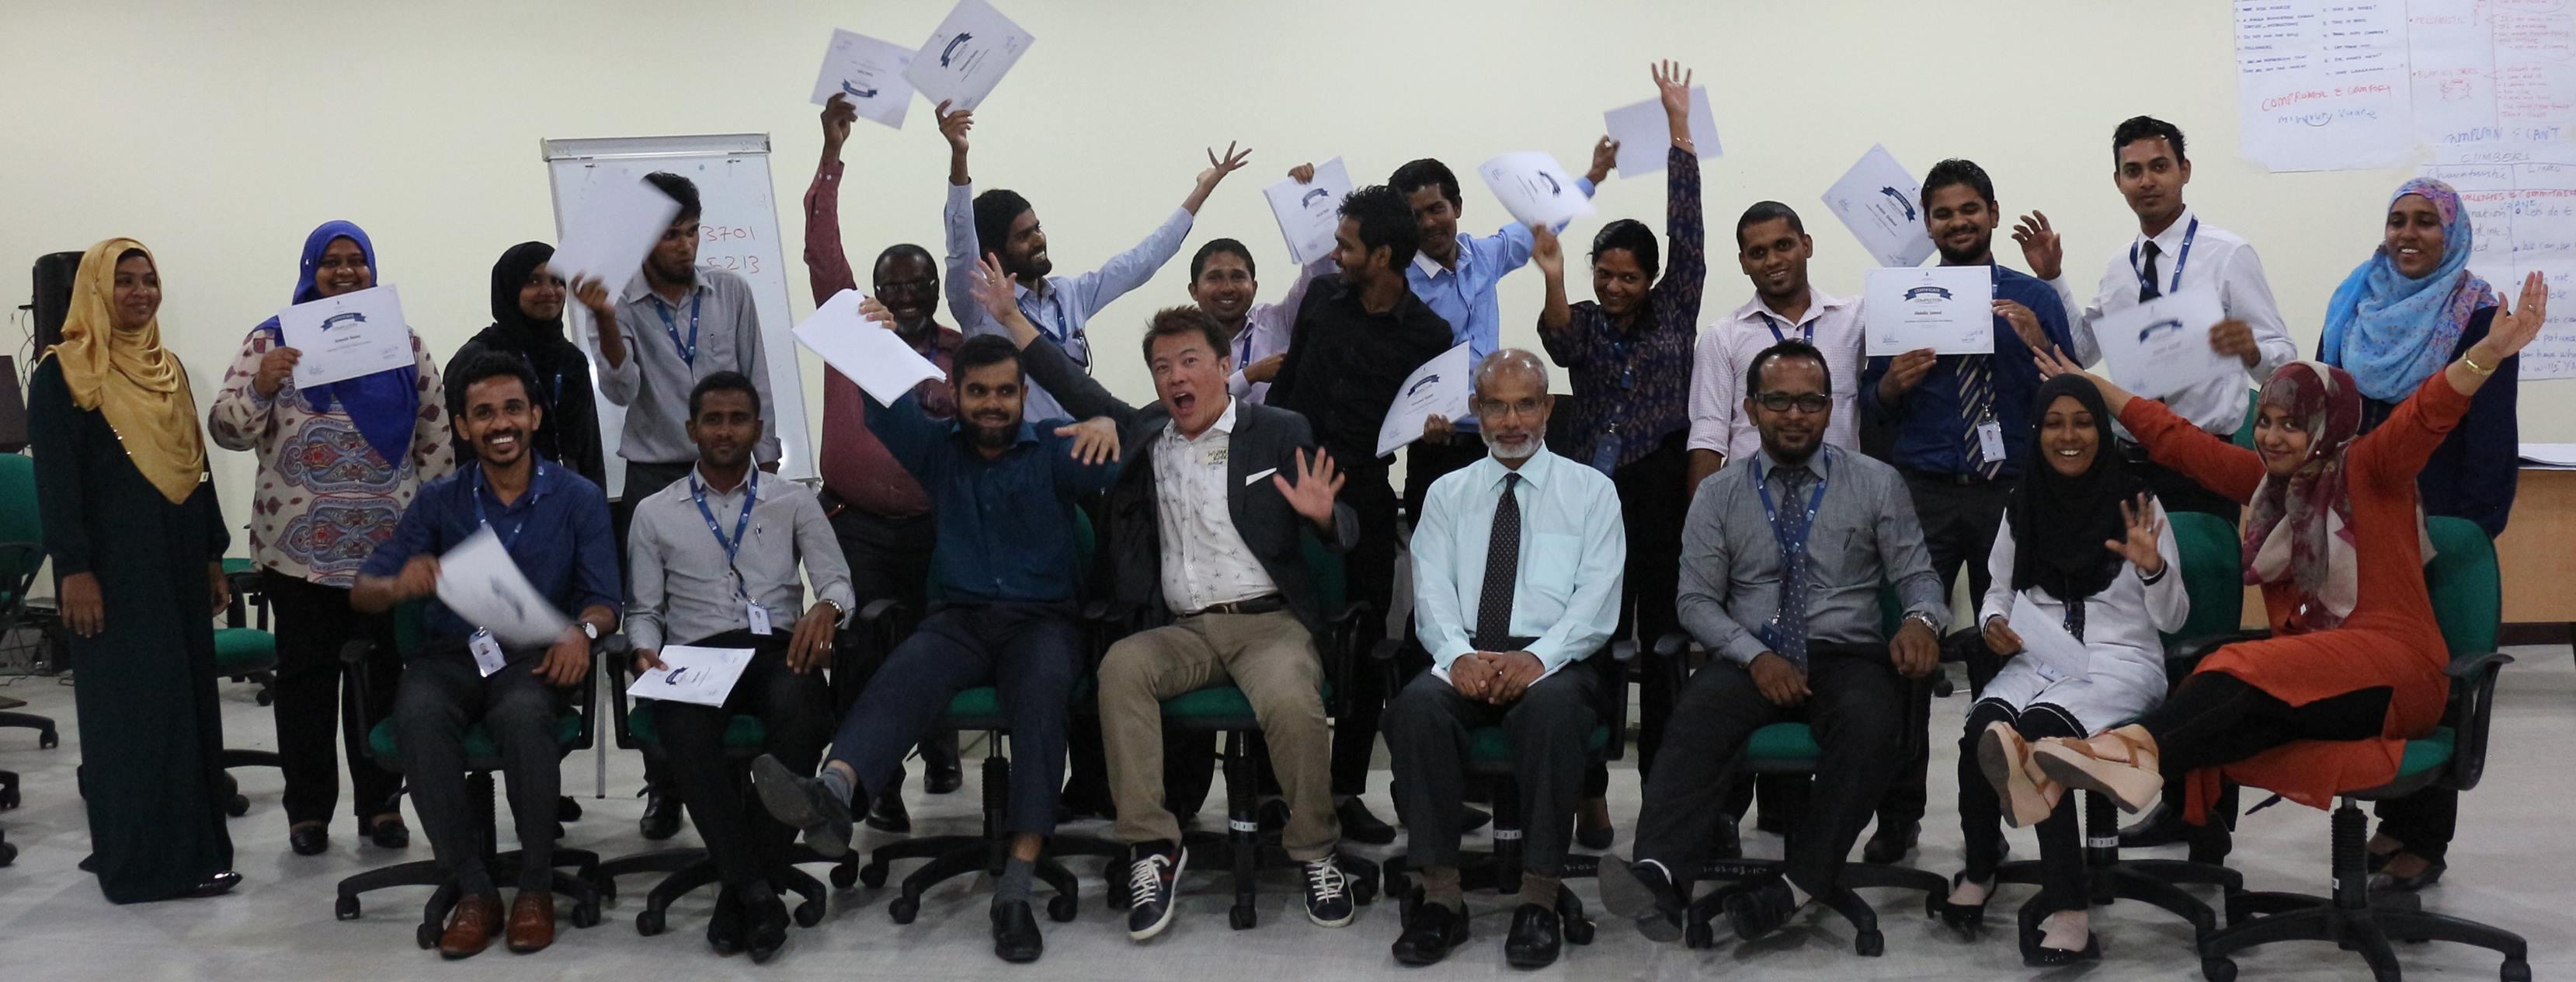 5. AGO Maldives